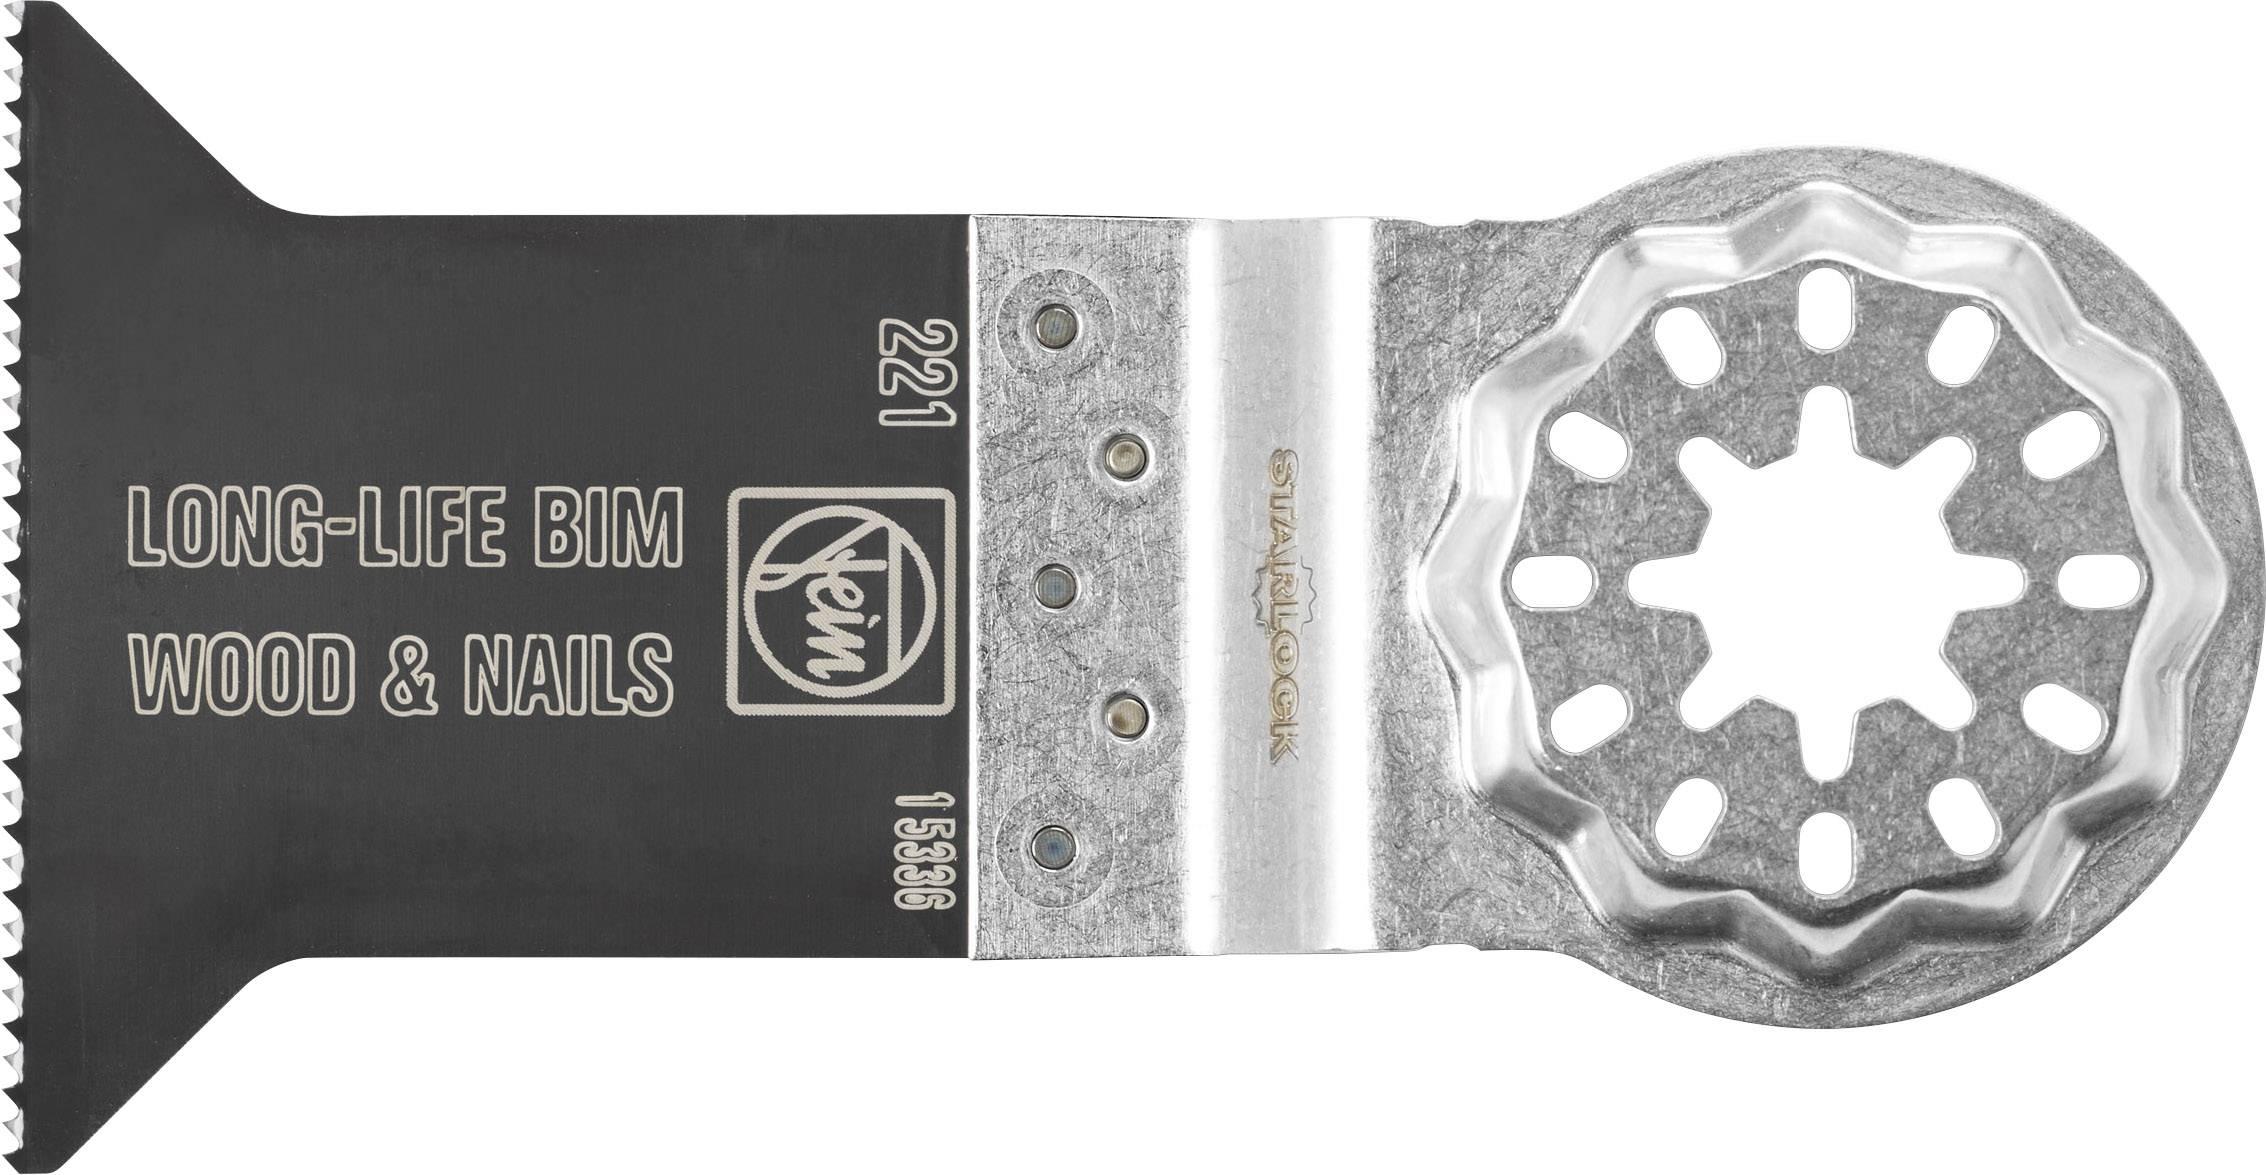 Ponorný pilový list 44 mm Fein E-Cut Universal 63502223210 Vhodné pro značku (multifunkční nářadí) Milwaukee, Makita, Fein, Bosch 1 ks